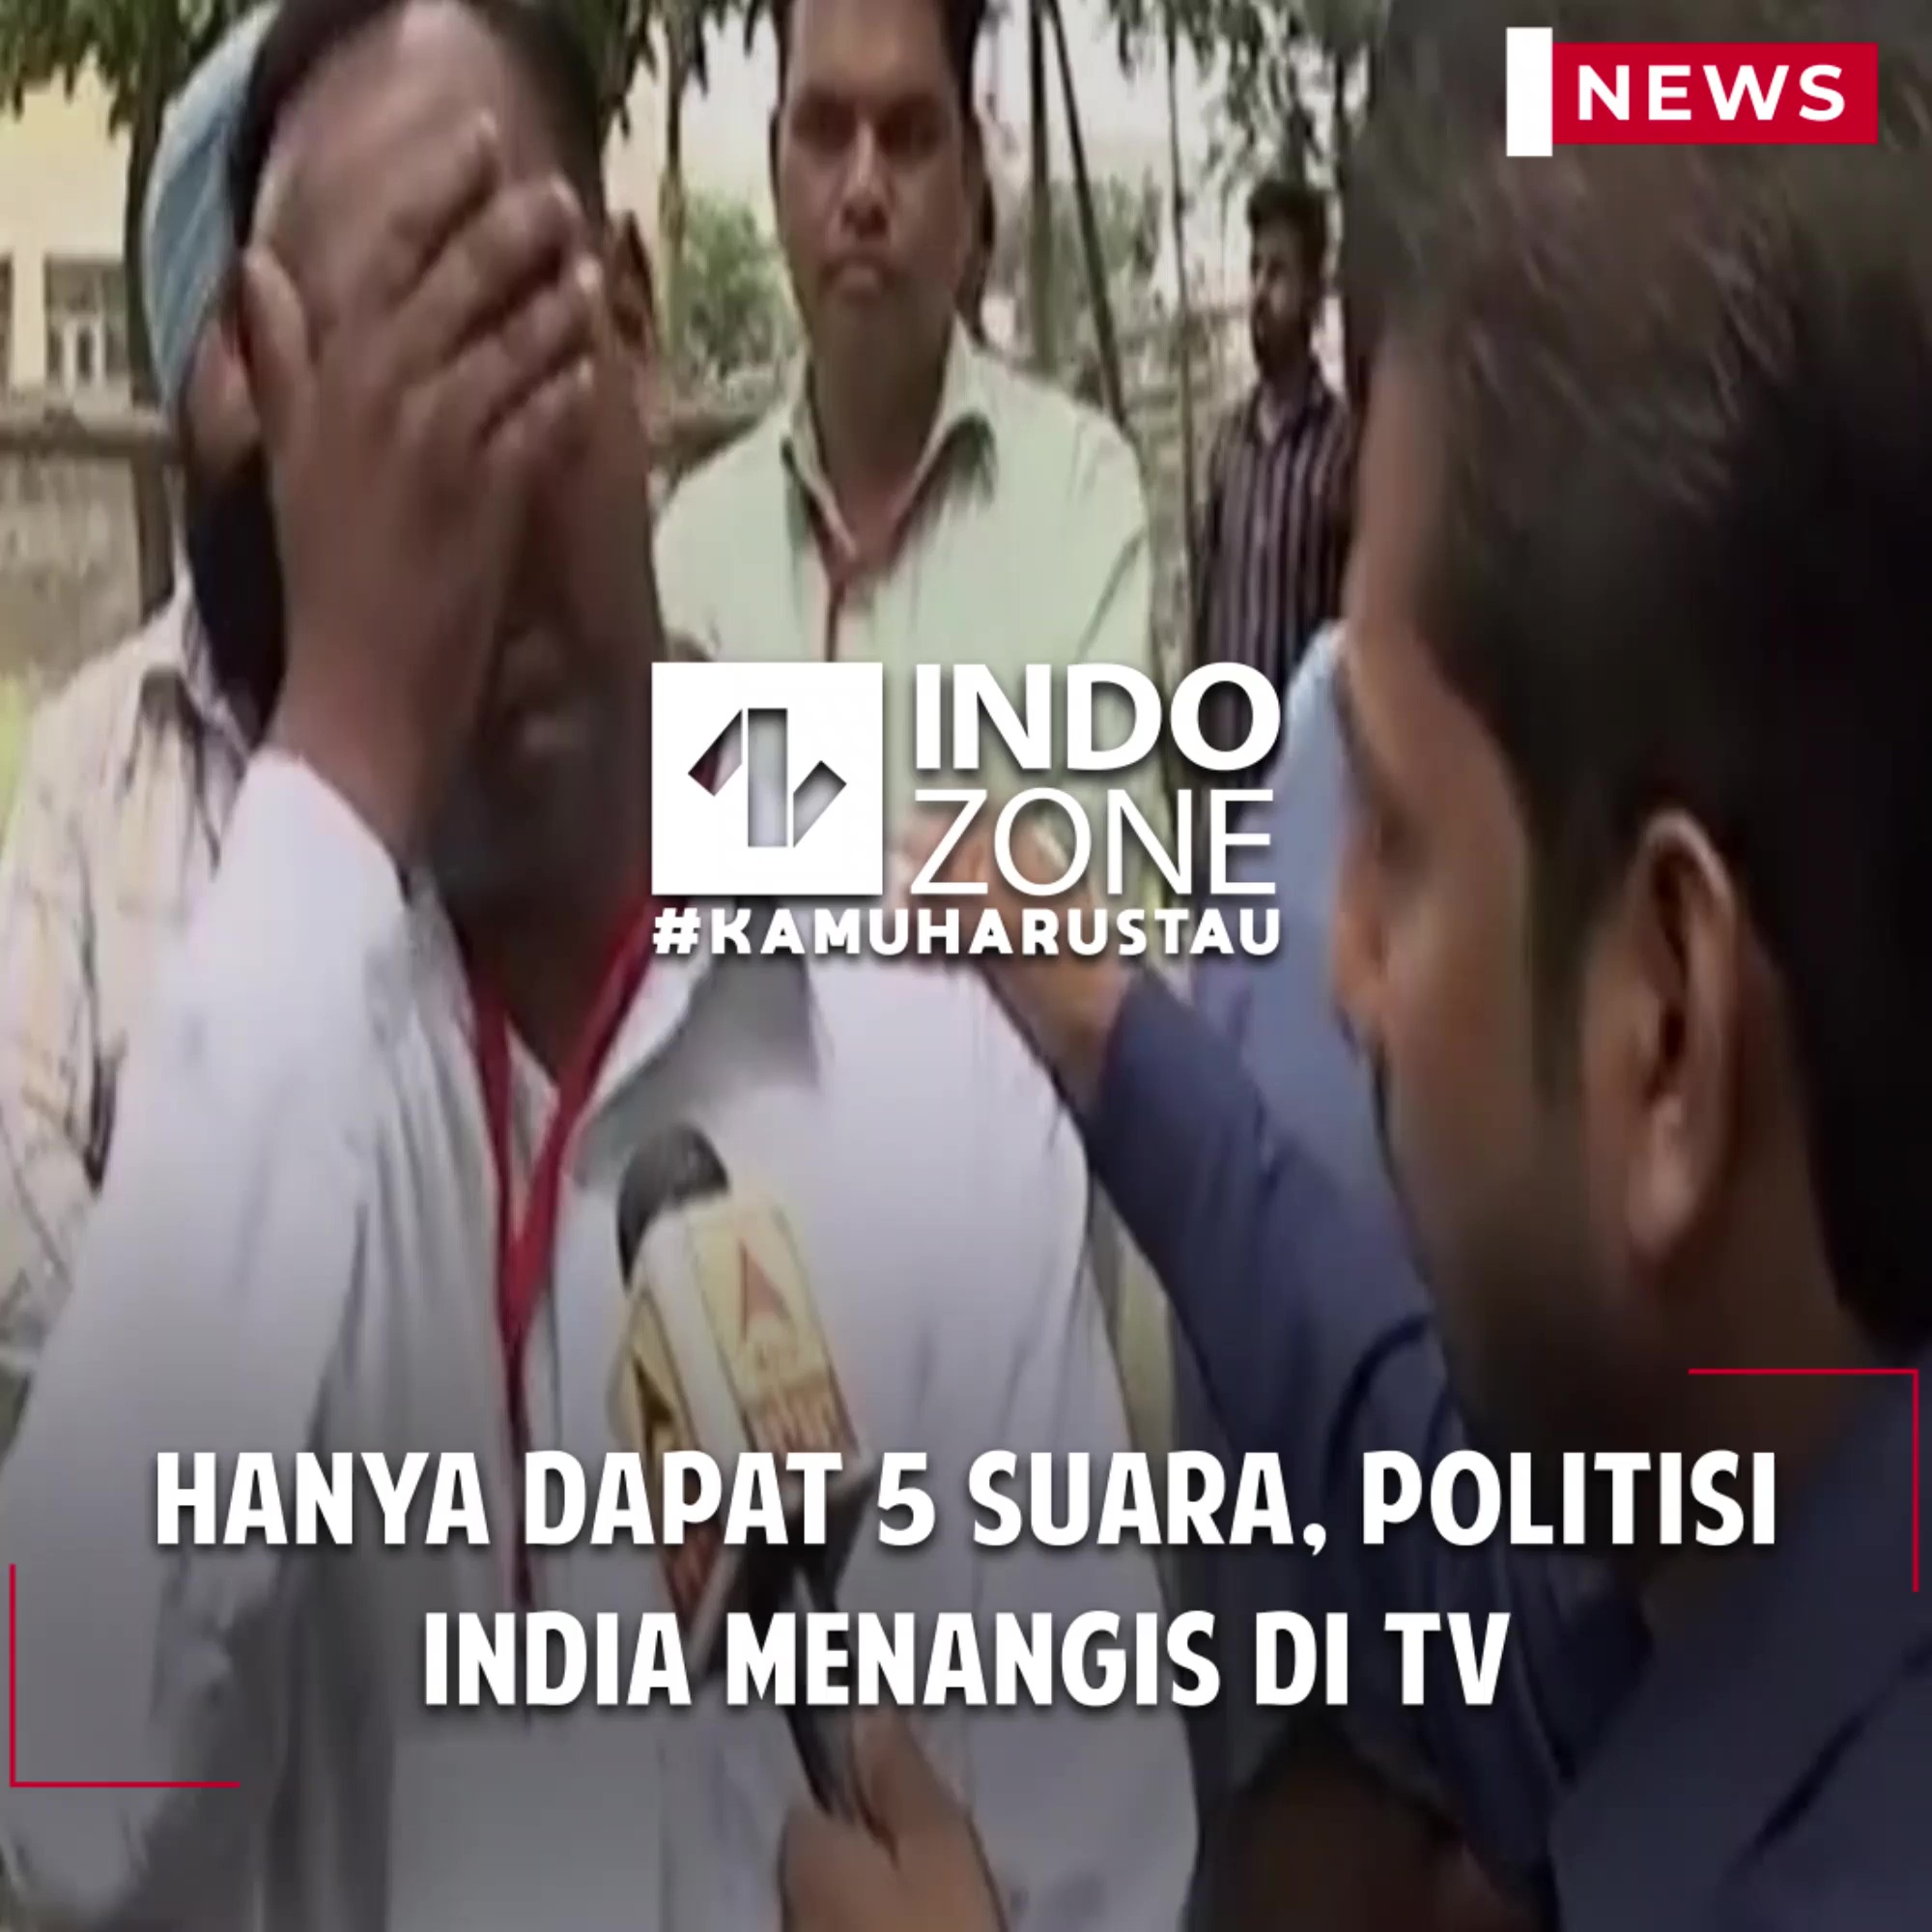 Hanya Dapat 5 Suara, Politisi India Menangis di TV